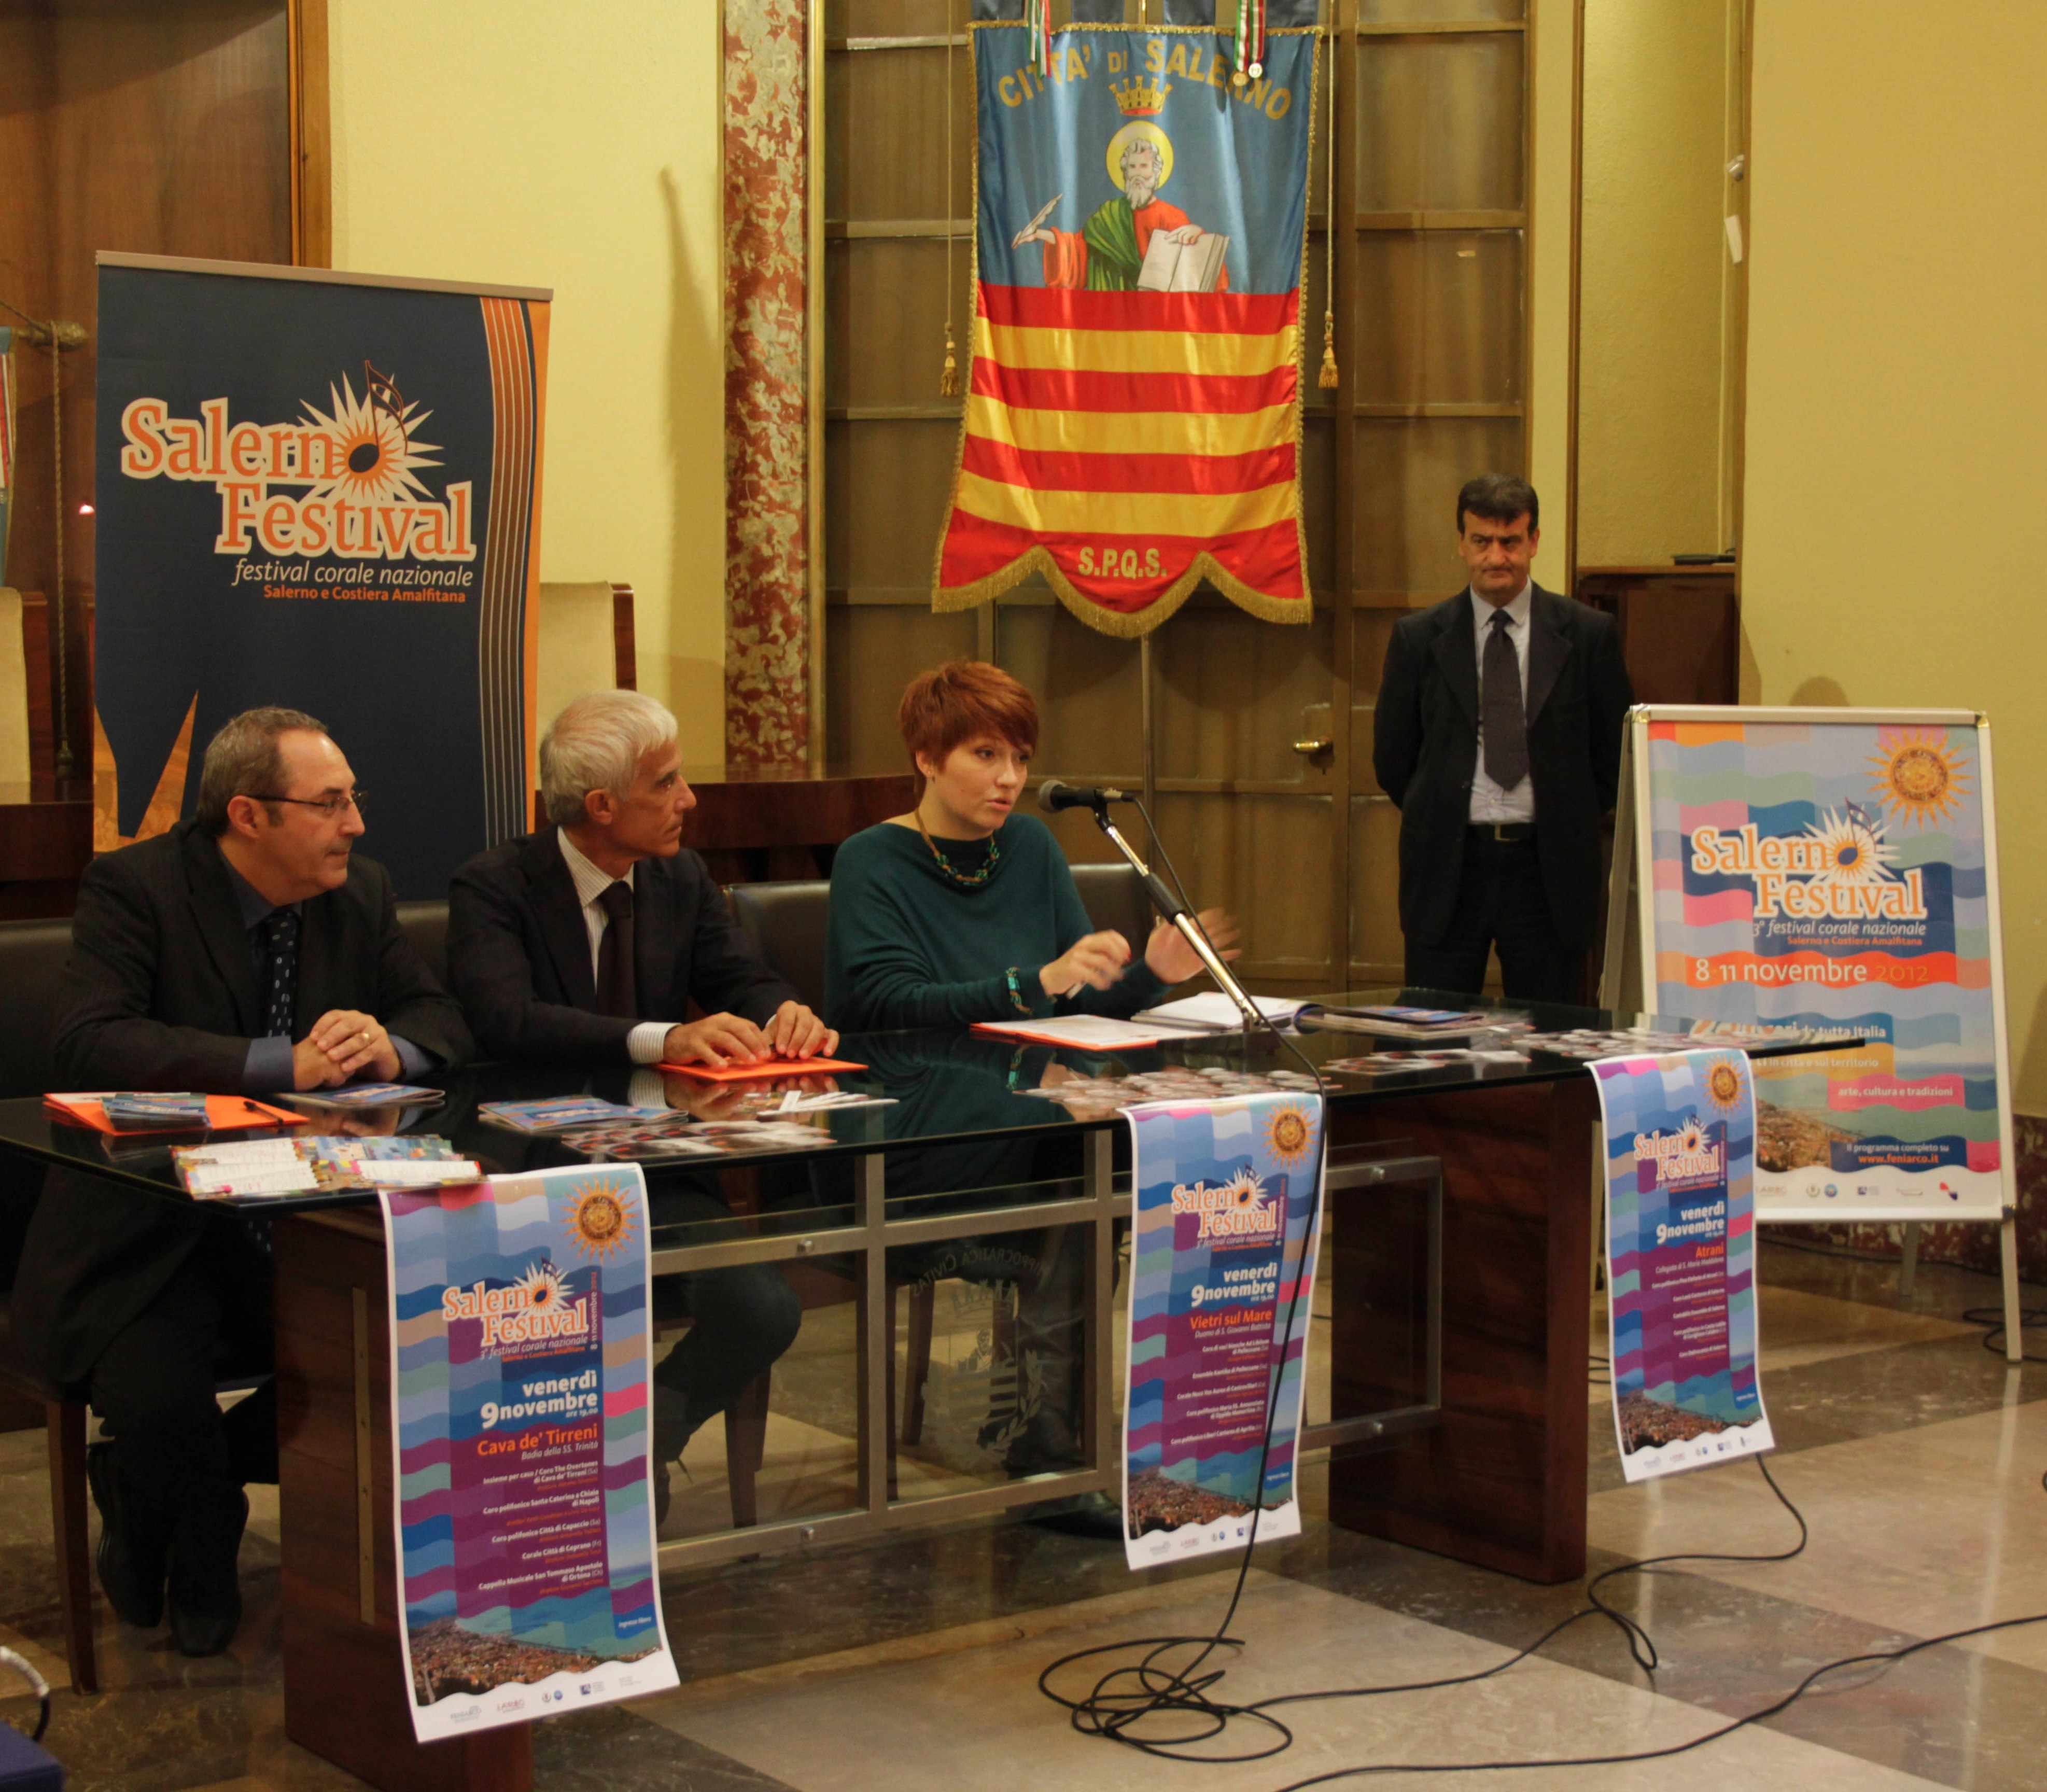 Dall'8 all'11 Novembre Salerno capitale della musica corale